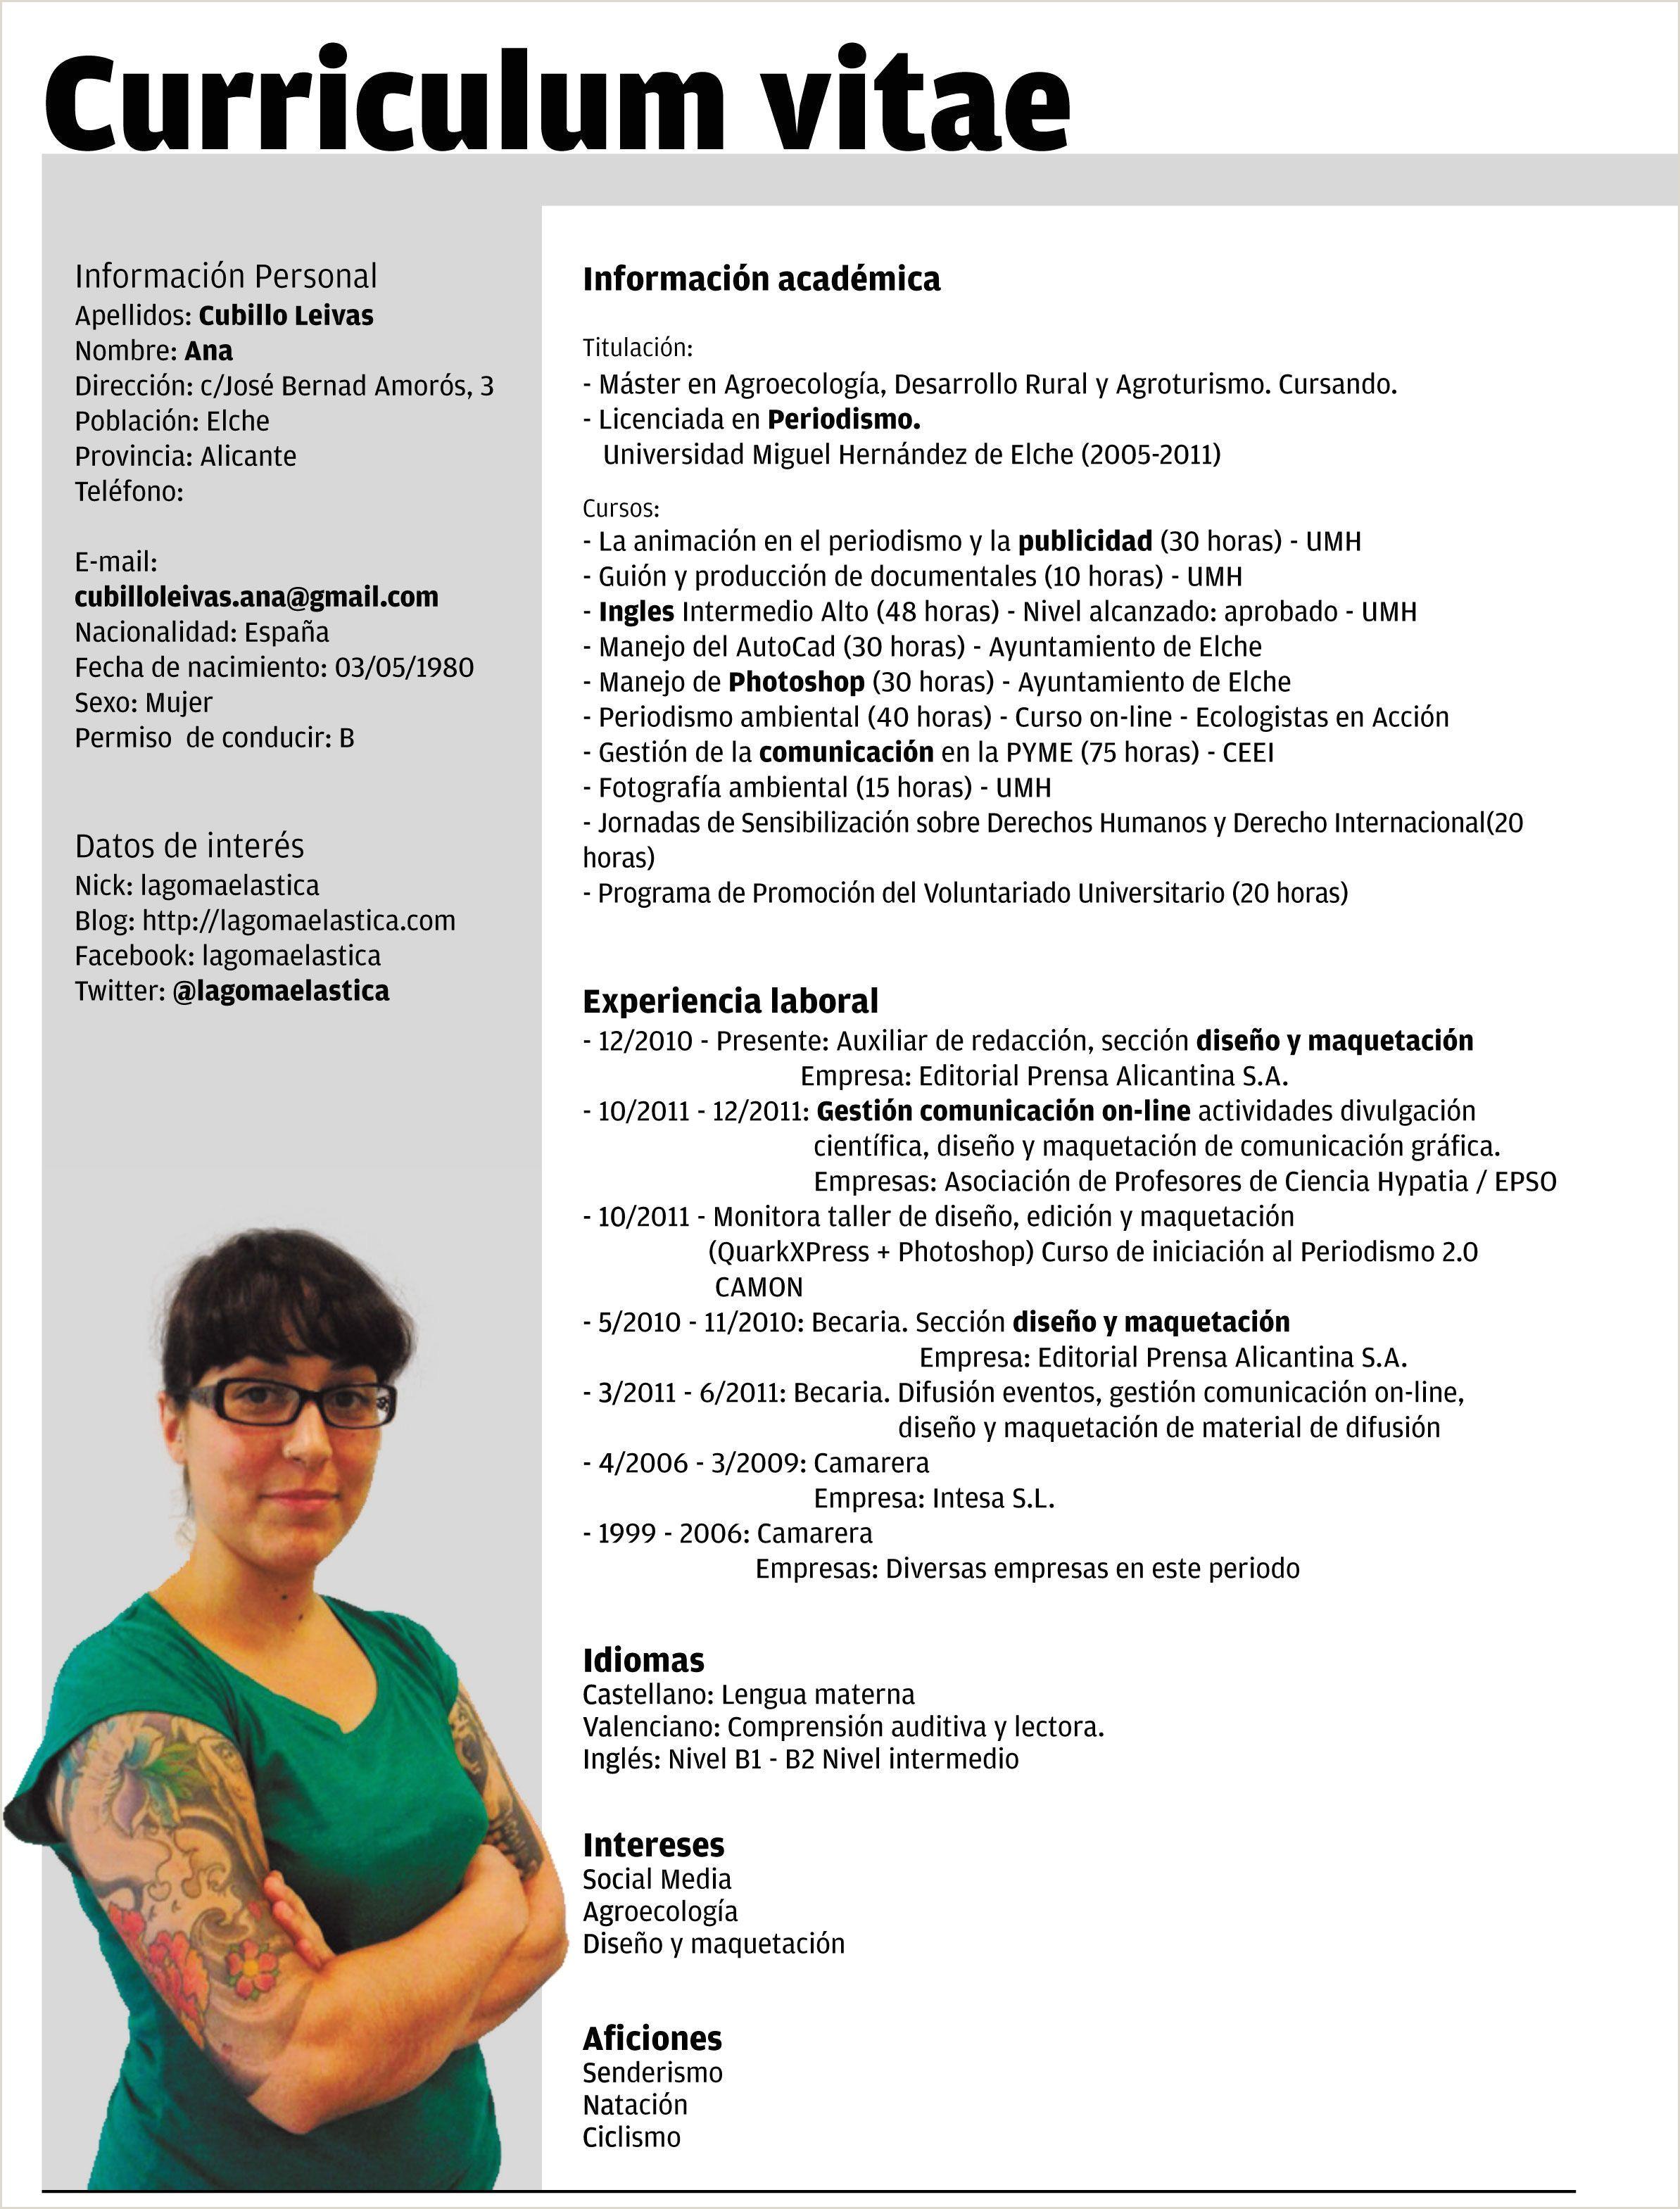 Curriculum vitae hp searcher Artigo September 2019